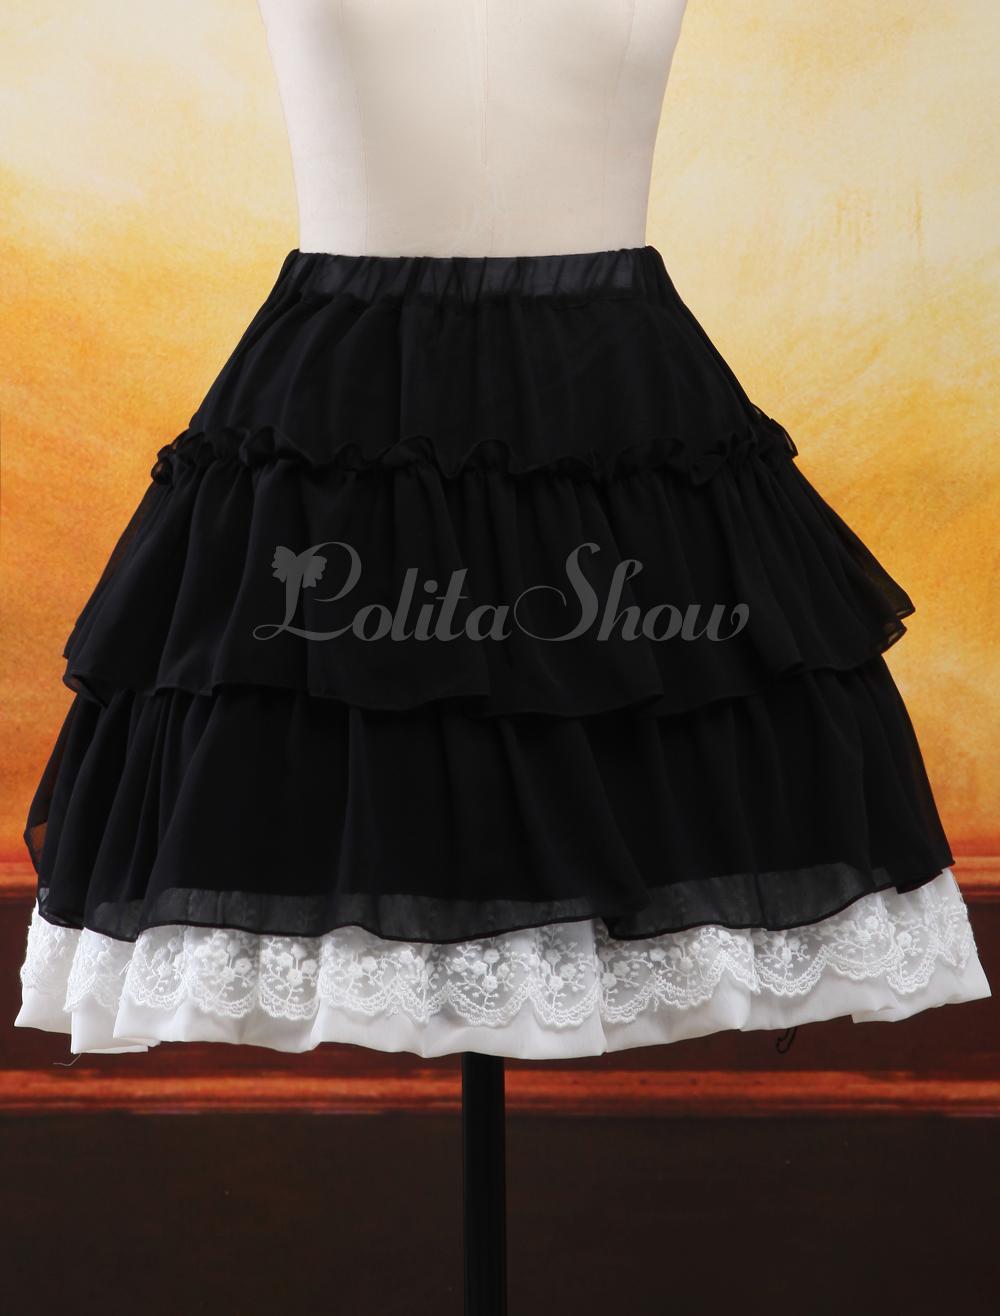 7e8ff9c52 Lolitashow Falda de gasa de color negro de multi-capas de estilo gótico